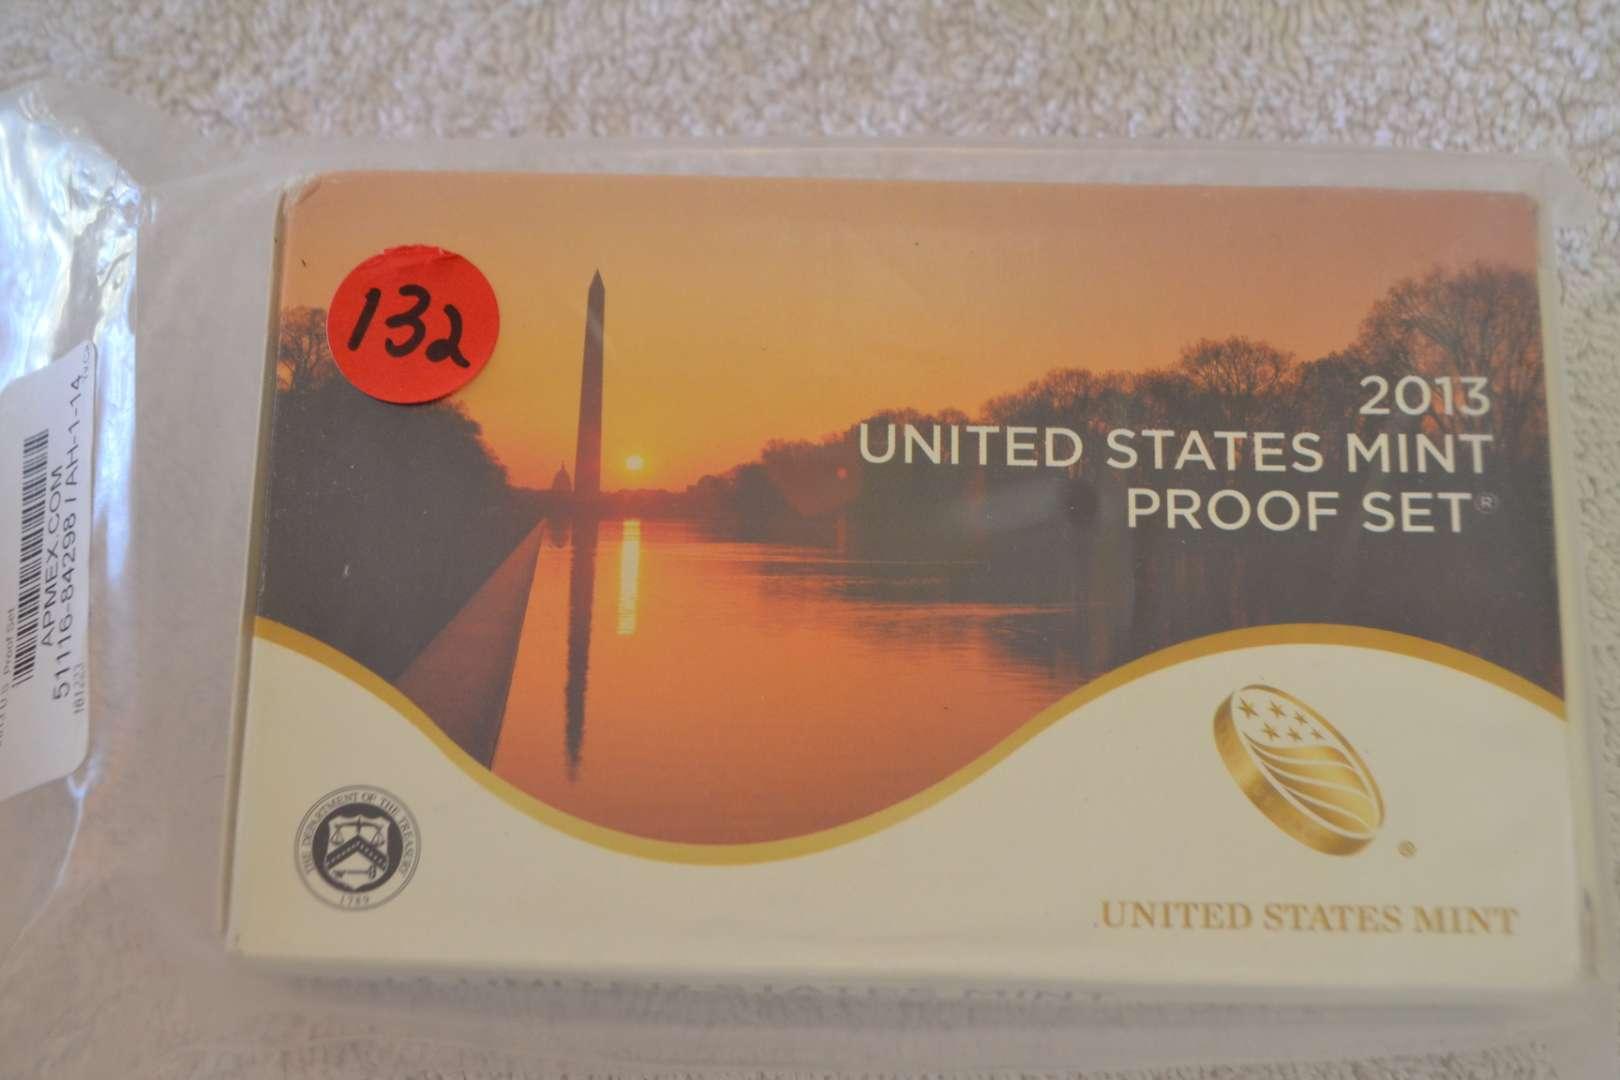 Lot # 132 2013 UNITED STATES MINT PROOF SET